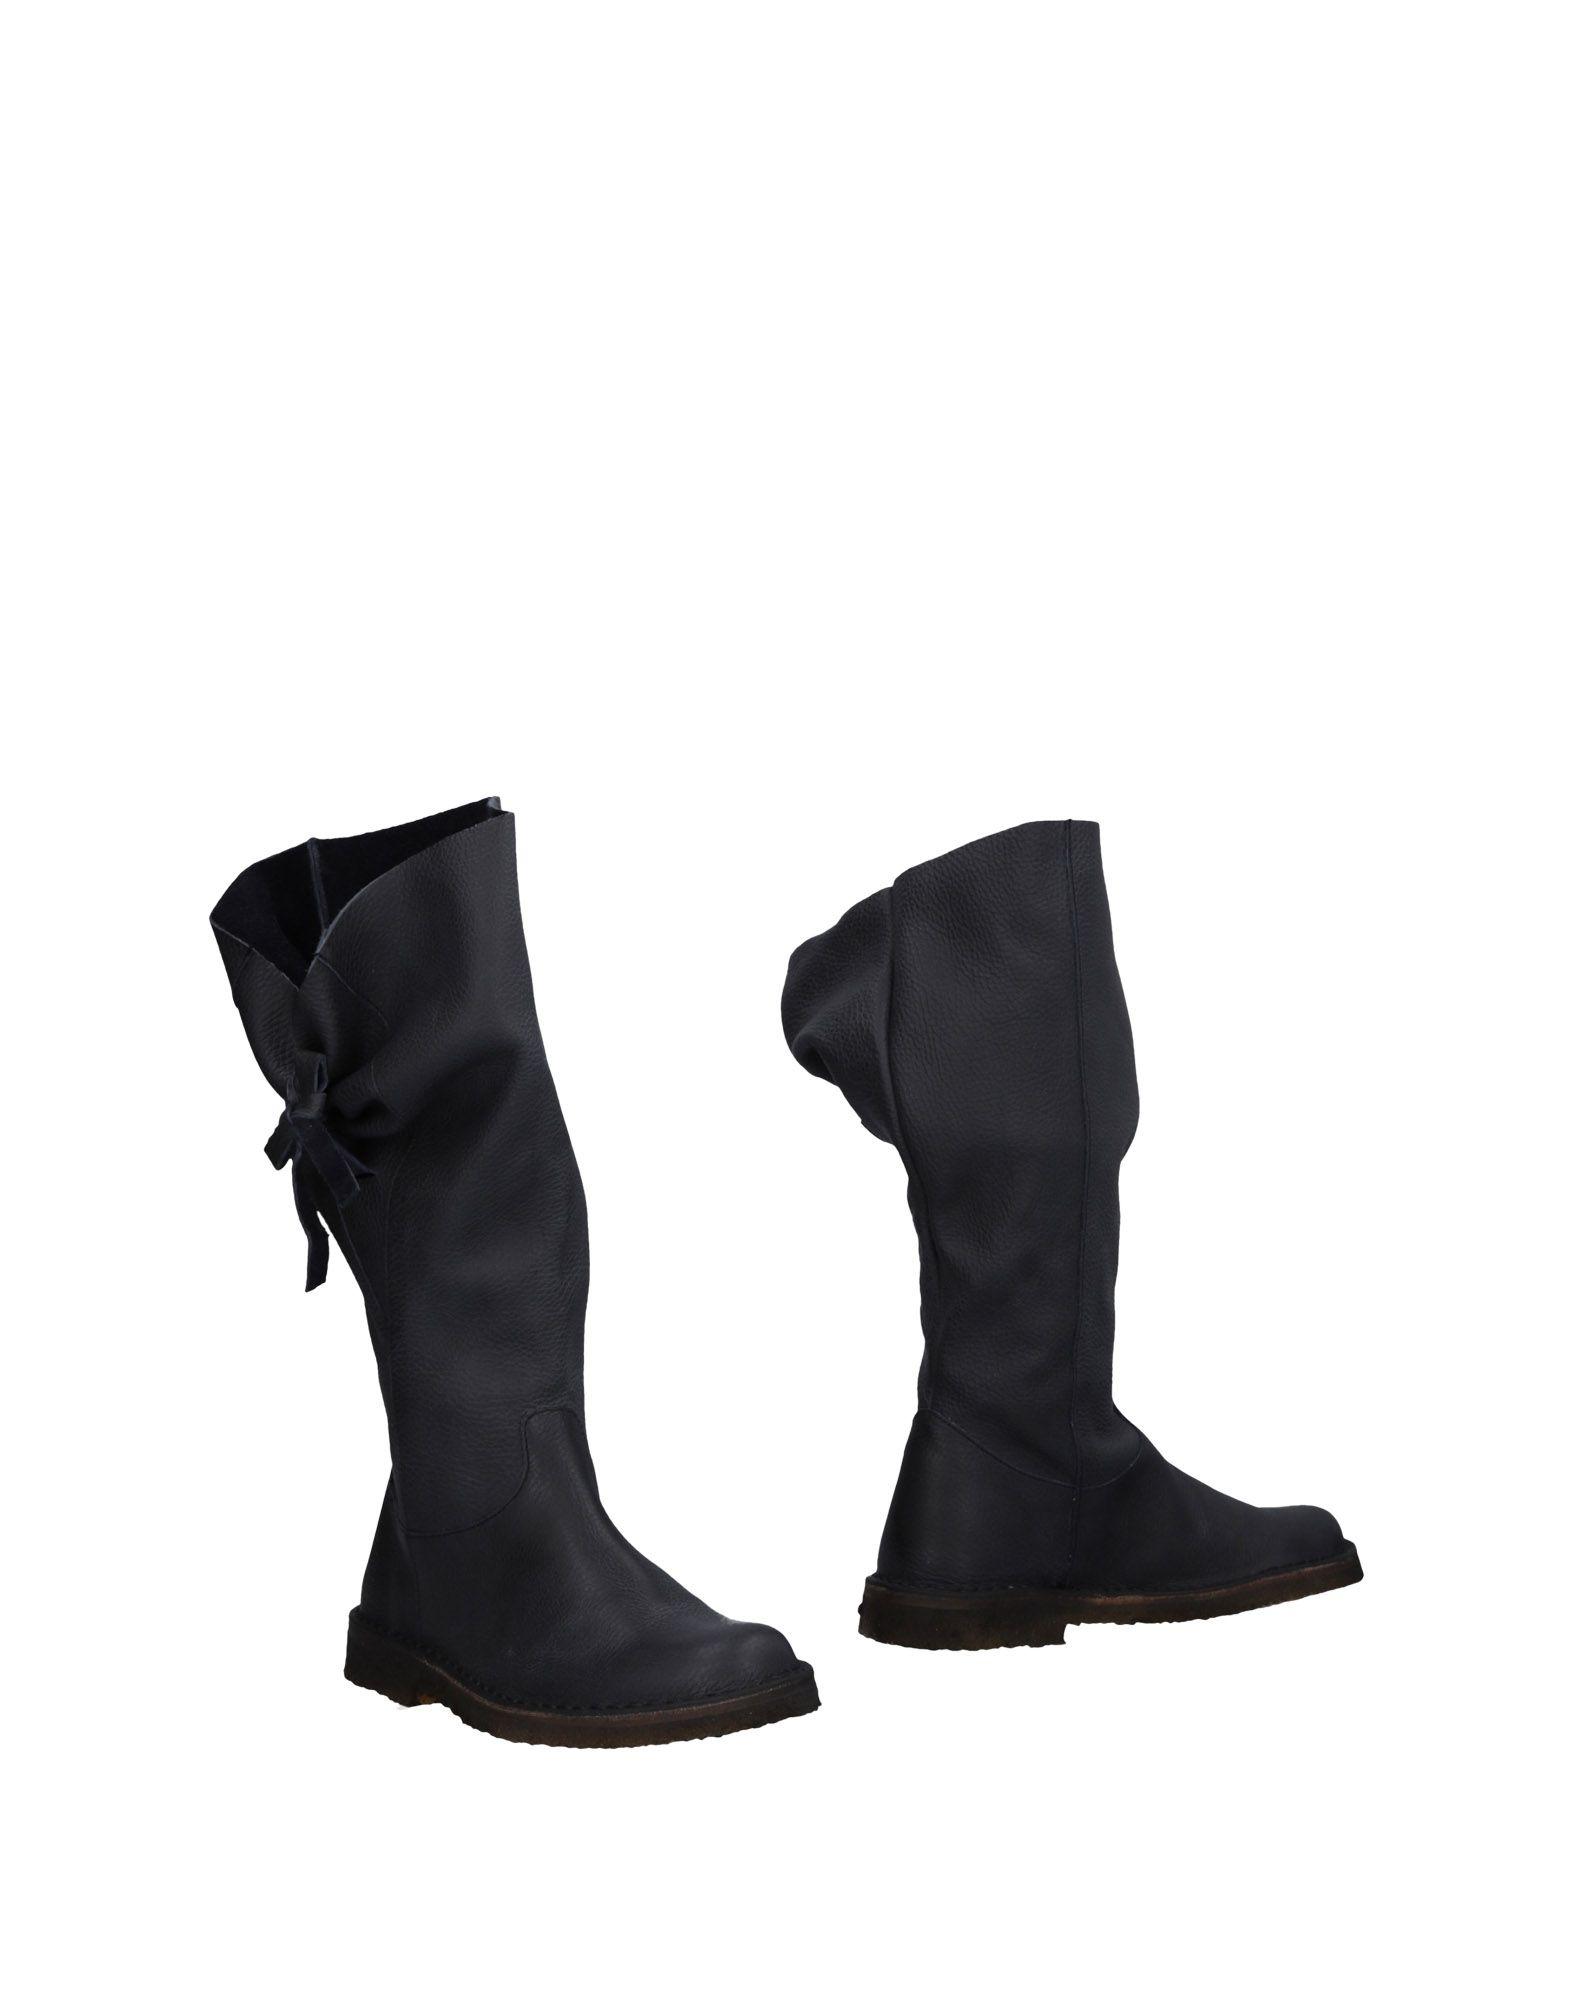 《送料無料》WEG レディース ブーツ ブラック 35 革